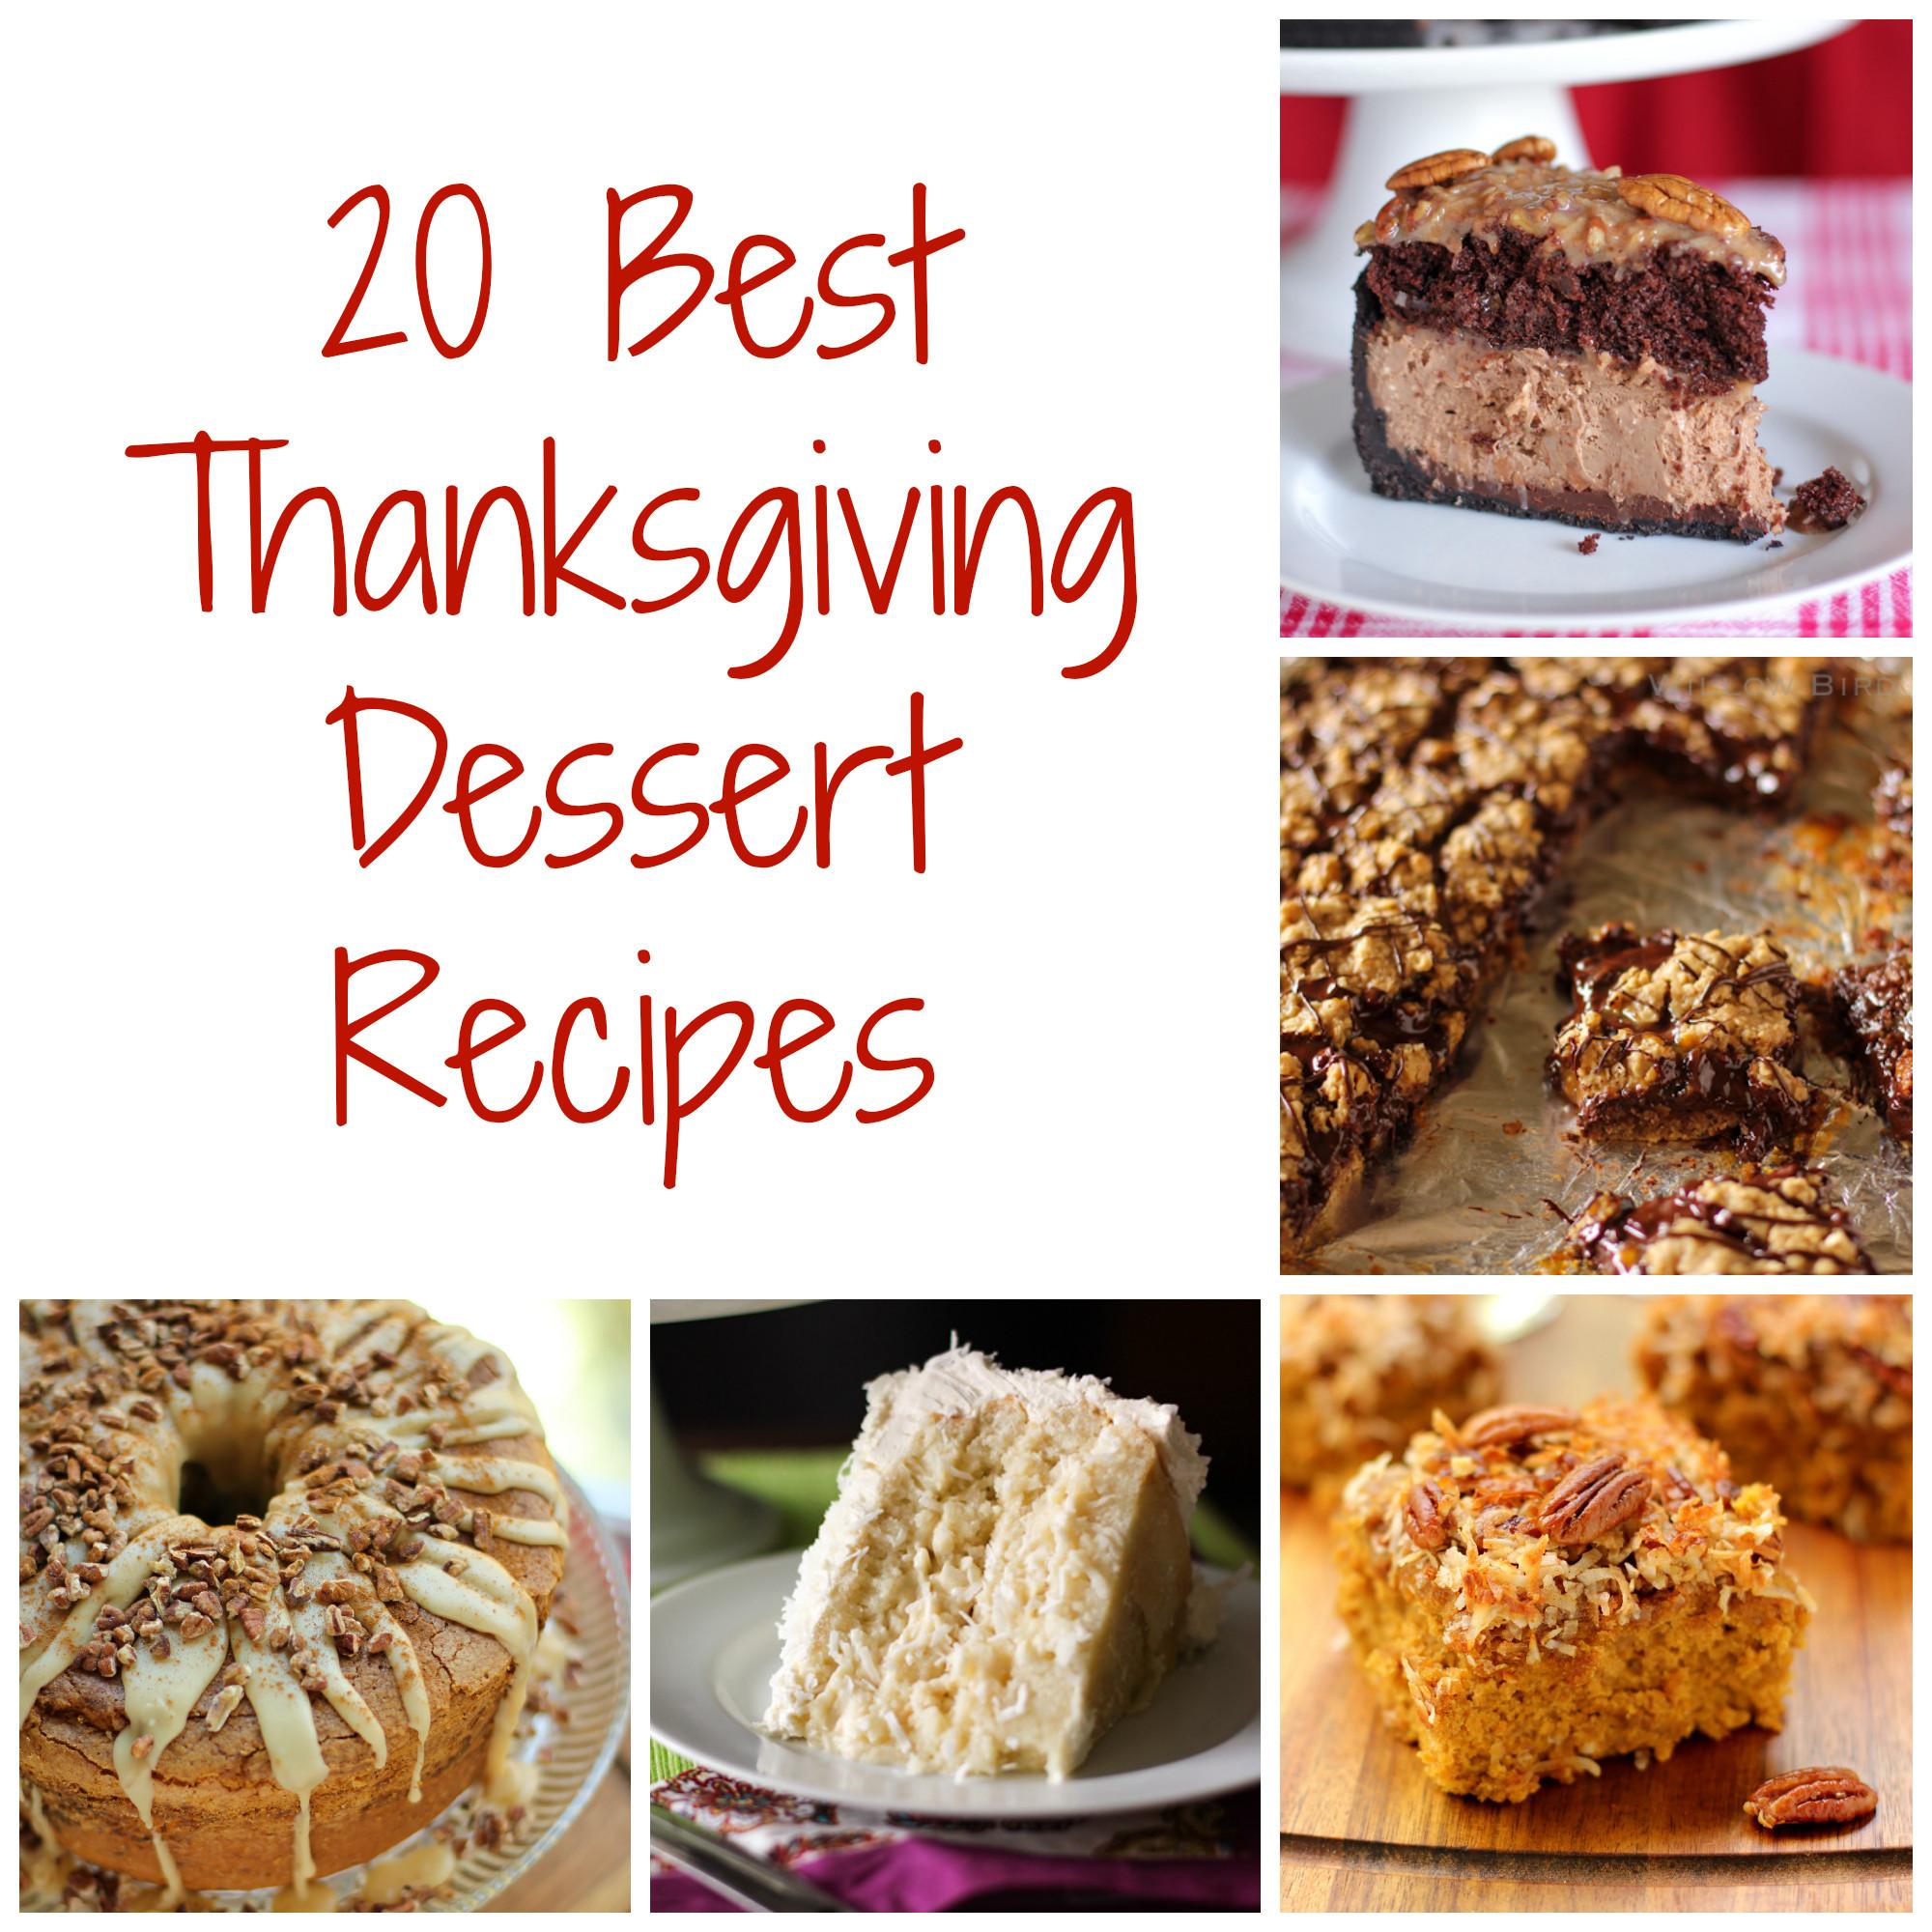 Best Thanksgiving Dessert Recipes  Thanksgiving Dessert Recipes Willow Bird Baking